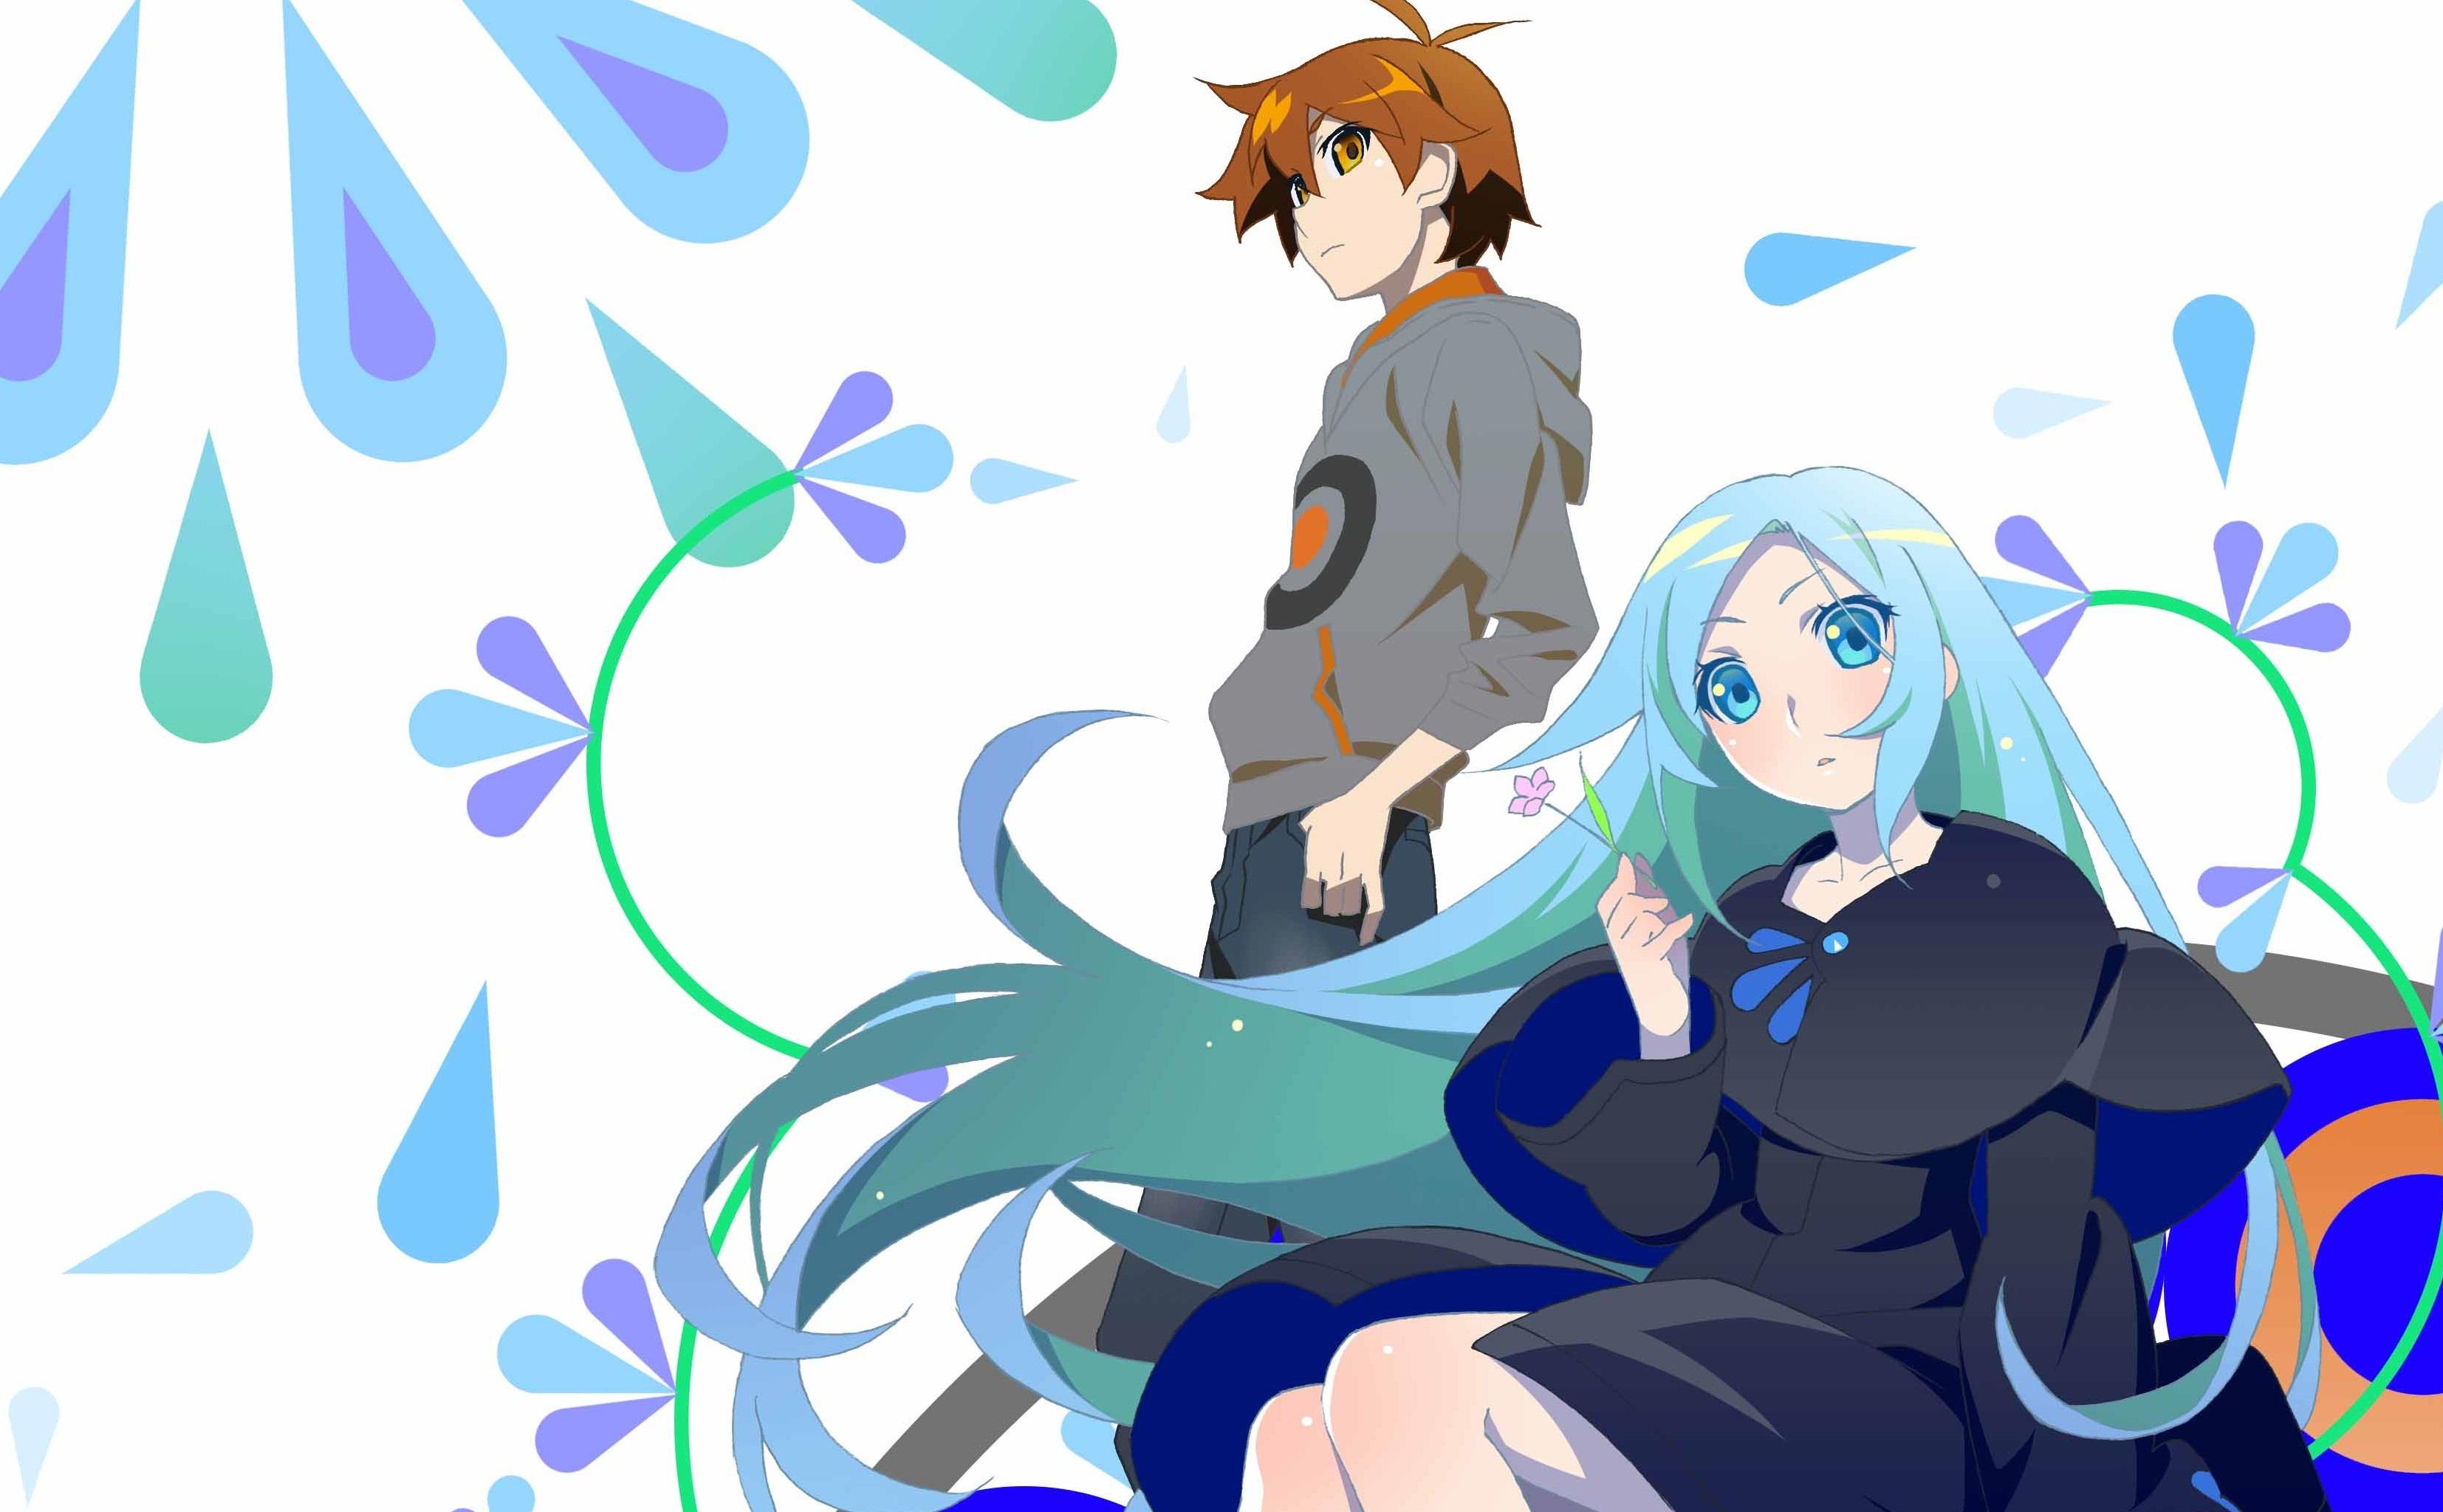 西尾維新作品・OVA「クビキリサイクル 青色サヴァンと戯言遣い」第2弾トレーラーWEB公開!新規カットやキャラクターボイス、オープニング主題歌音源も解禁!